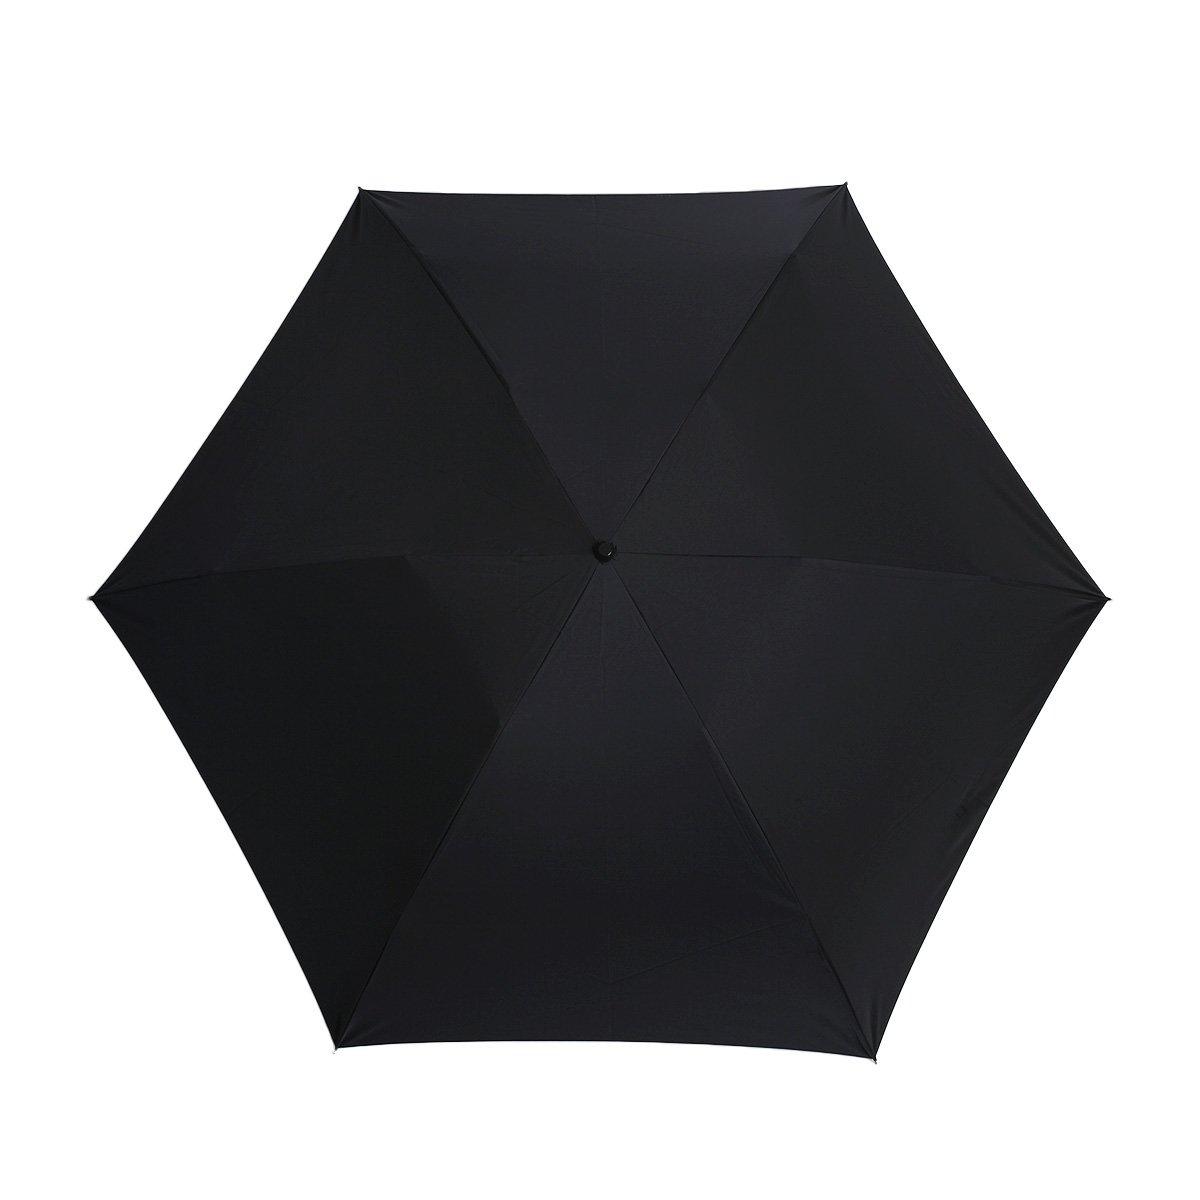 強力撥水 レインドロップ レクタス 折りたたみ傘 詳細画像6